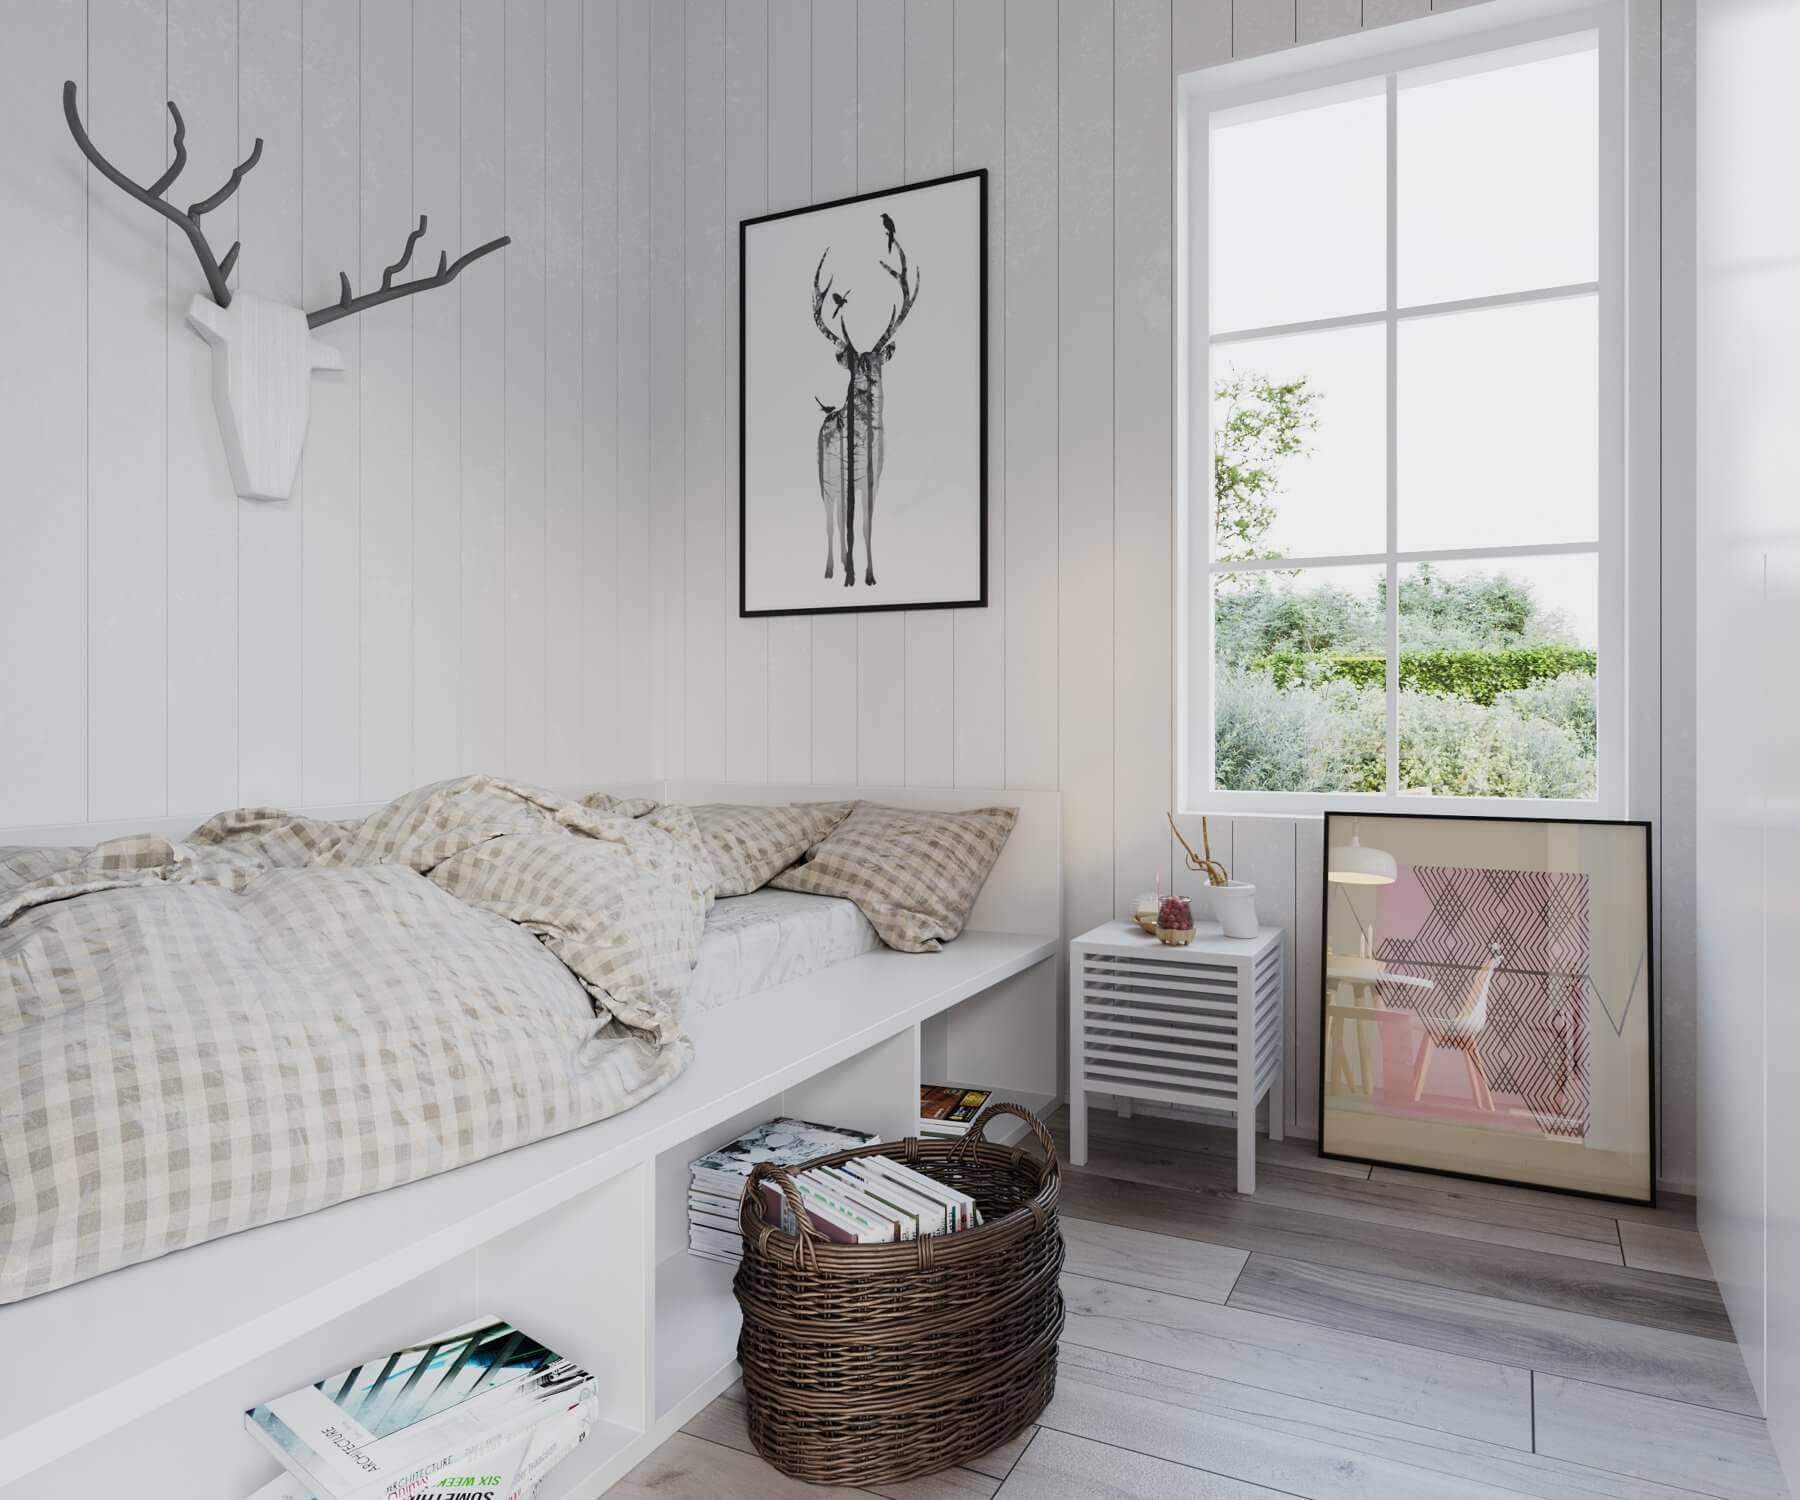 Sovrum i attefallshus med säng och vertikala paneler